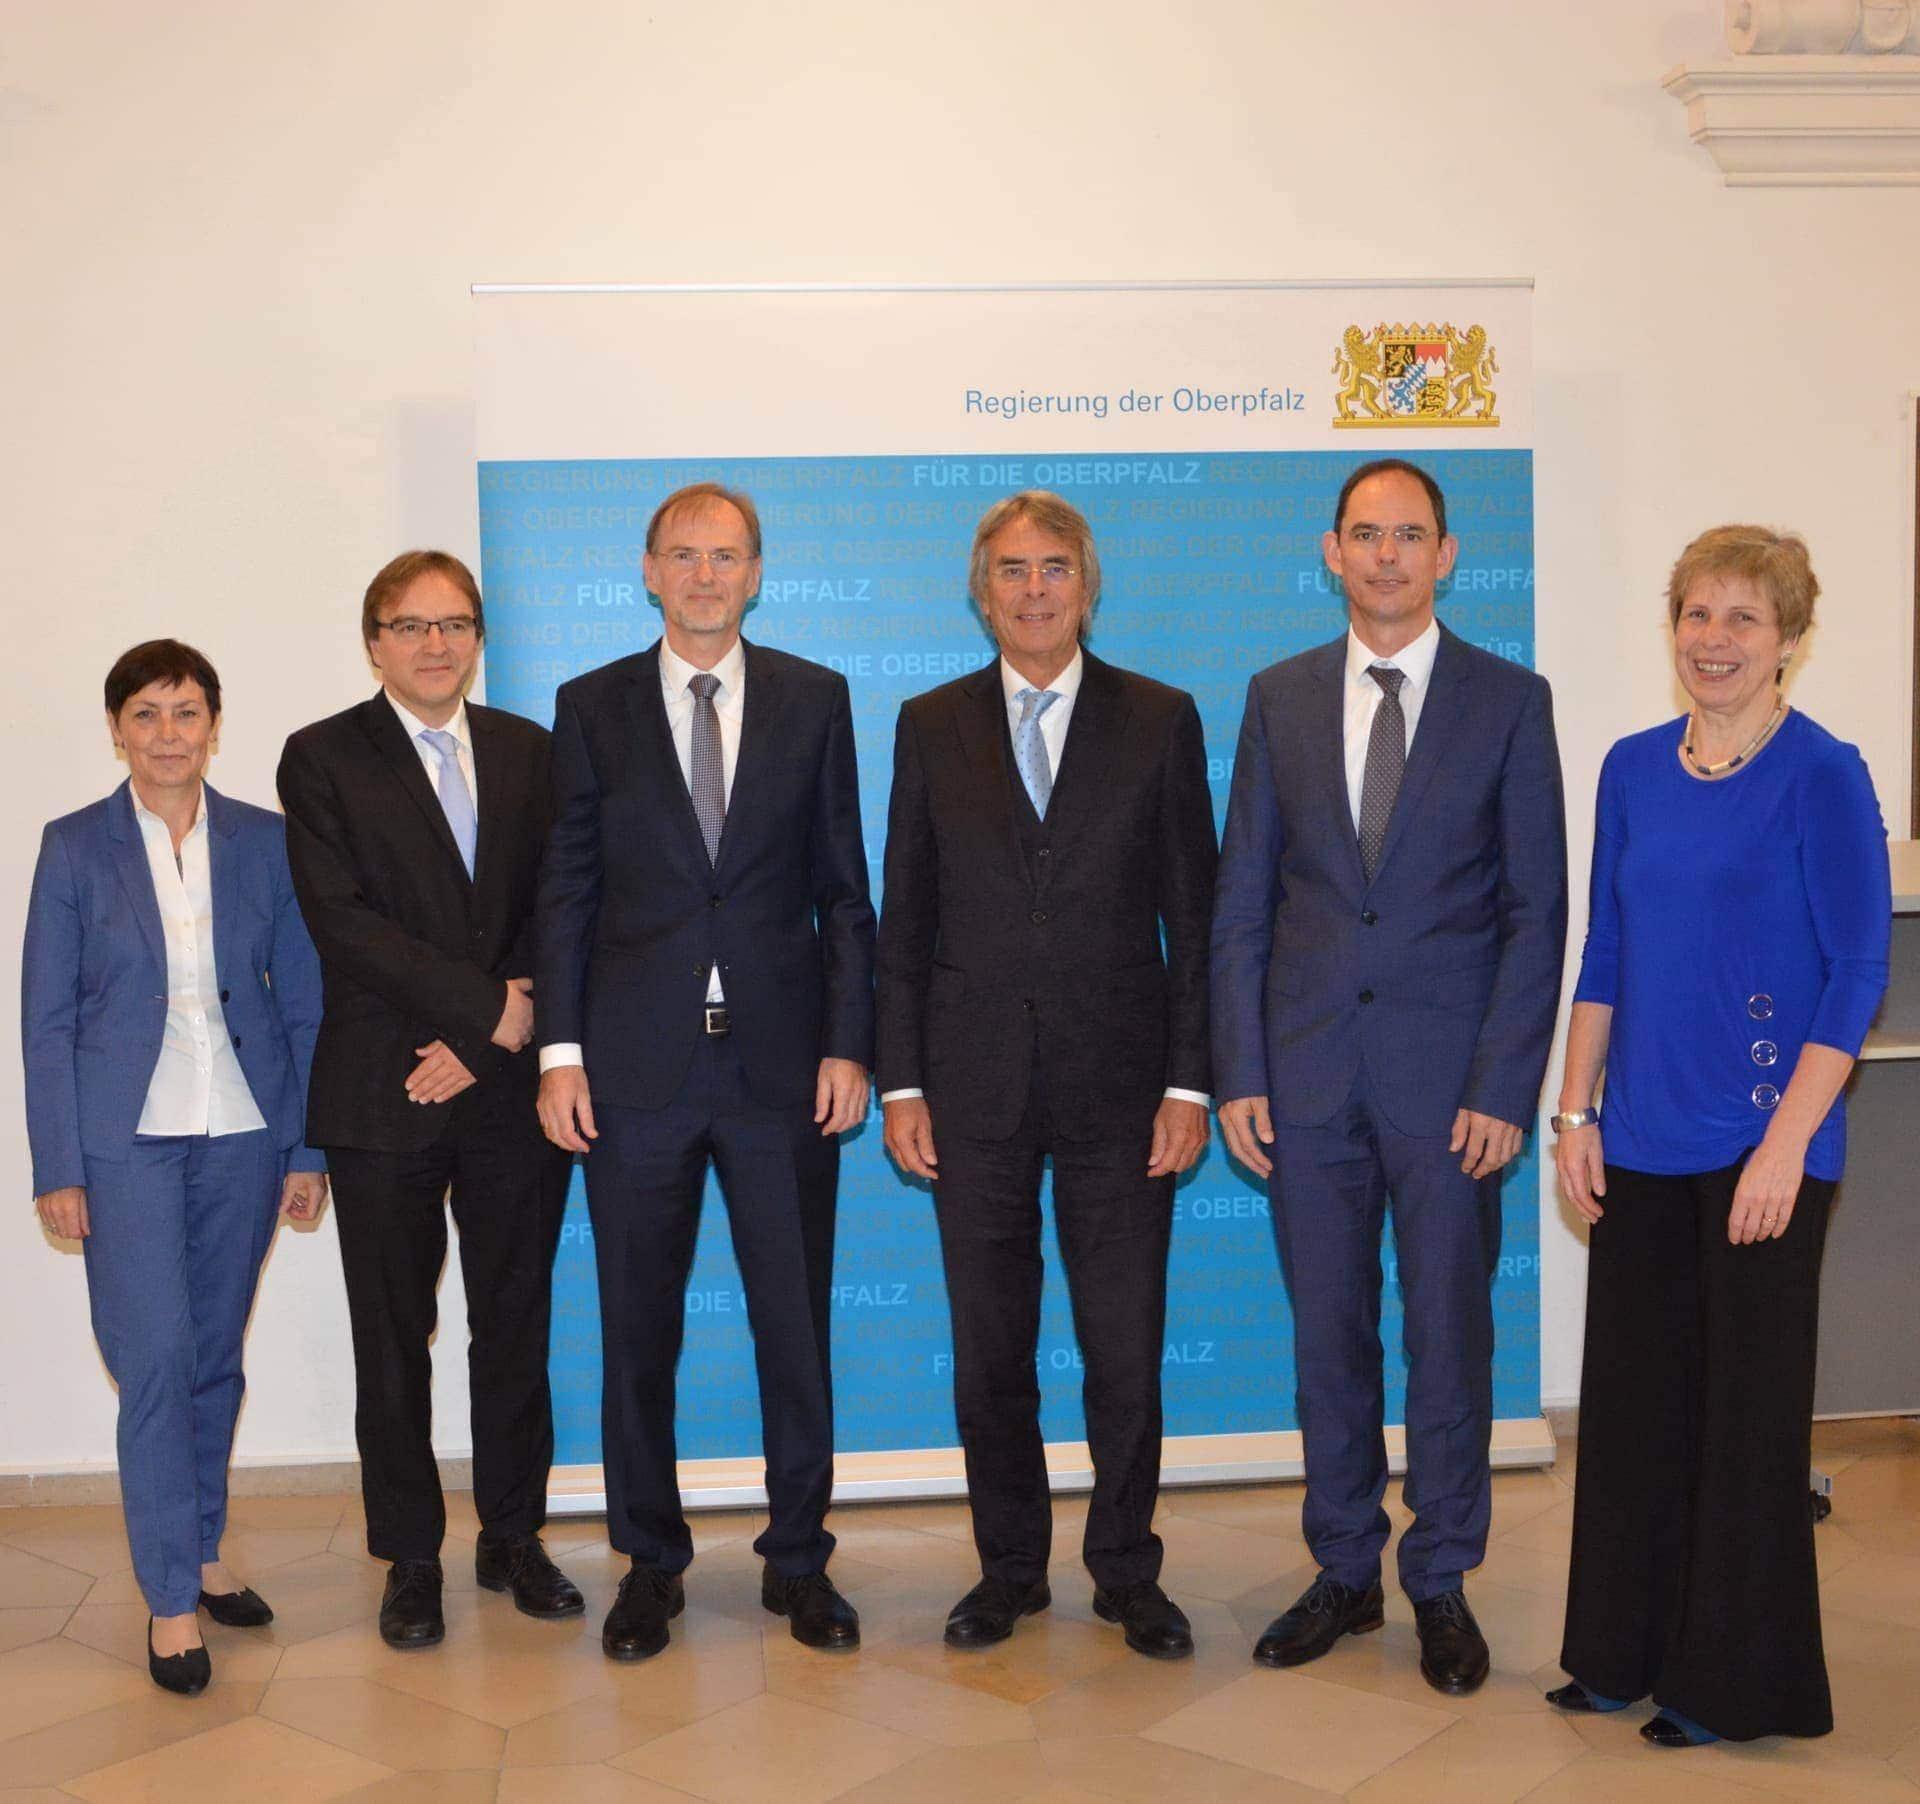 Ulrich Gampl ist neuer Leiter des Gewerbeaufsichtsamts der Regierung der Oberpfalz Friedrich Wink verabschiedet